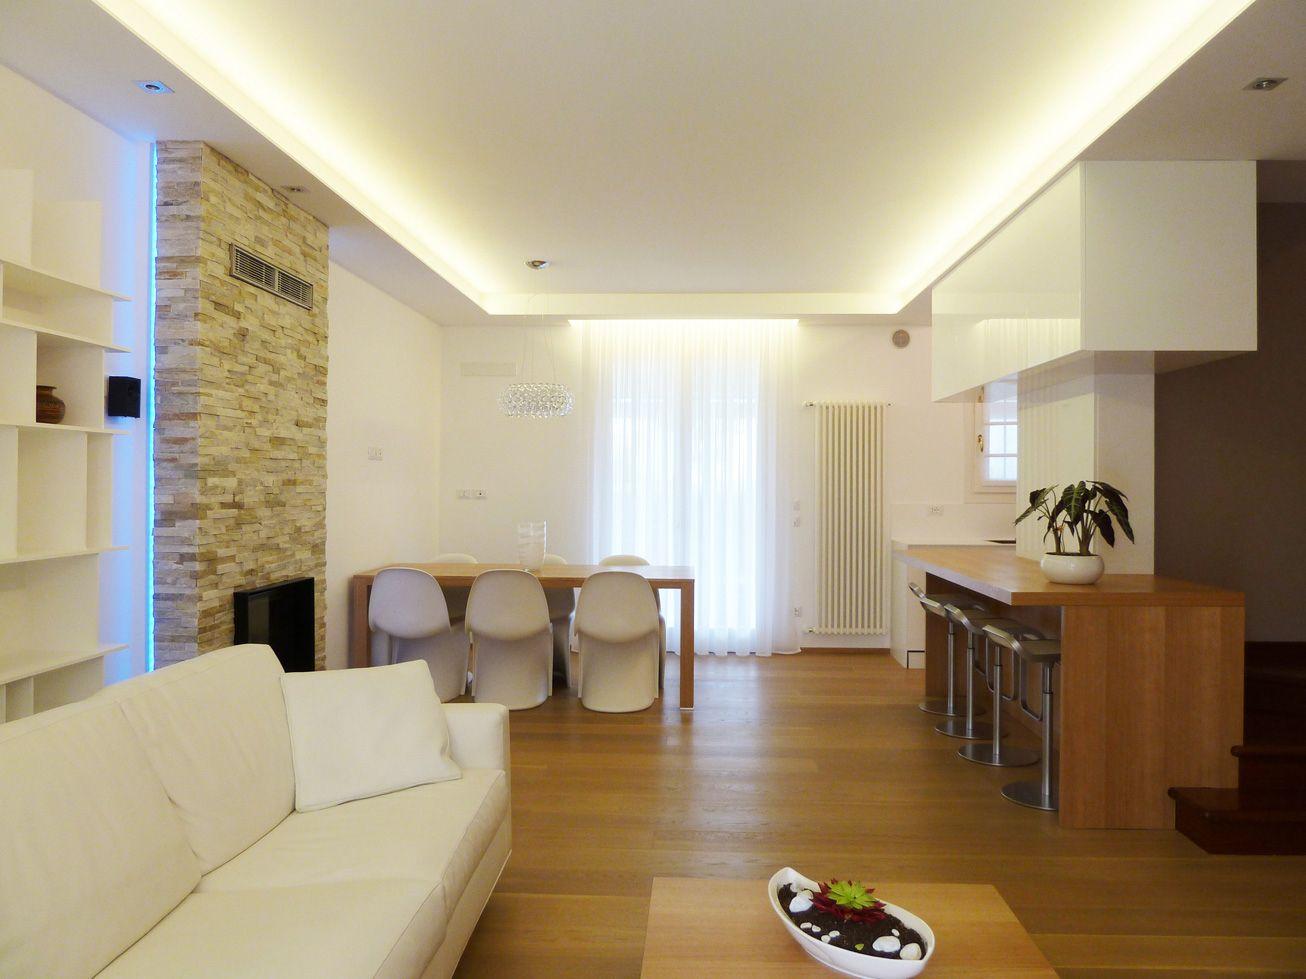 Illuminazione Soggiorno Cucina : Ispirato illuminazione soggiorno cucina art u2013 design per la casa